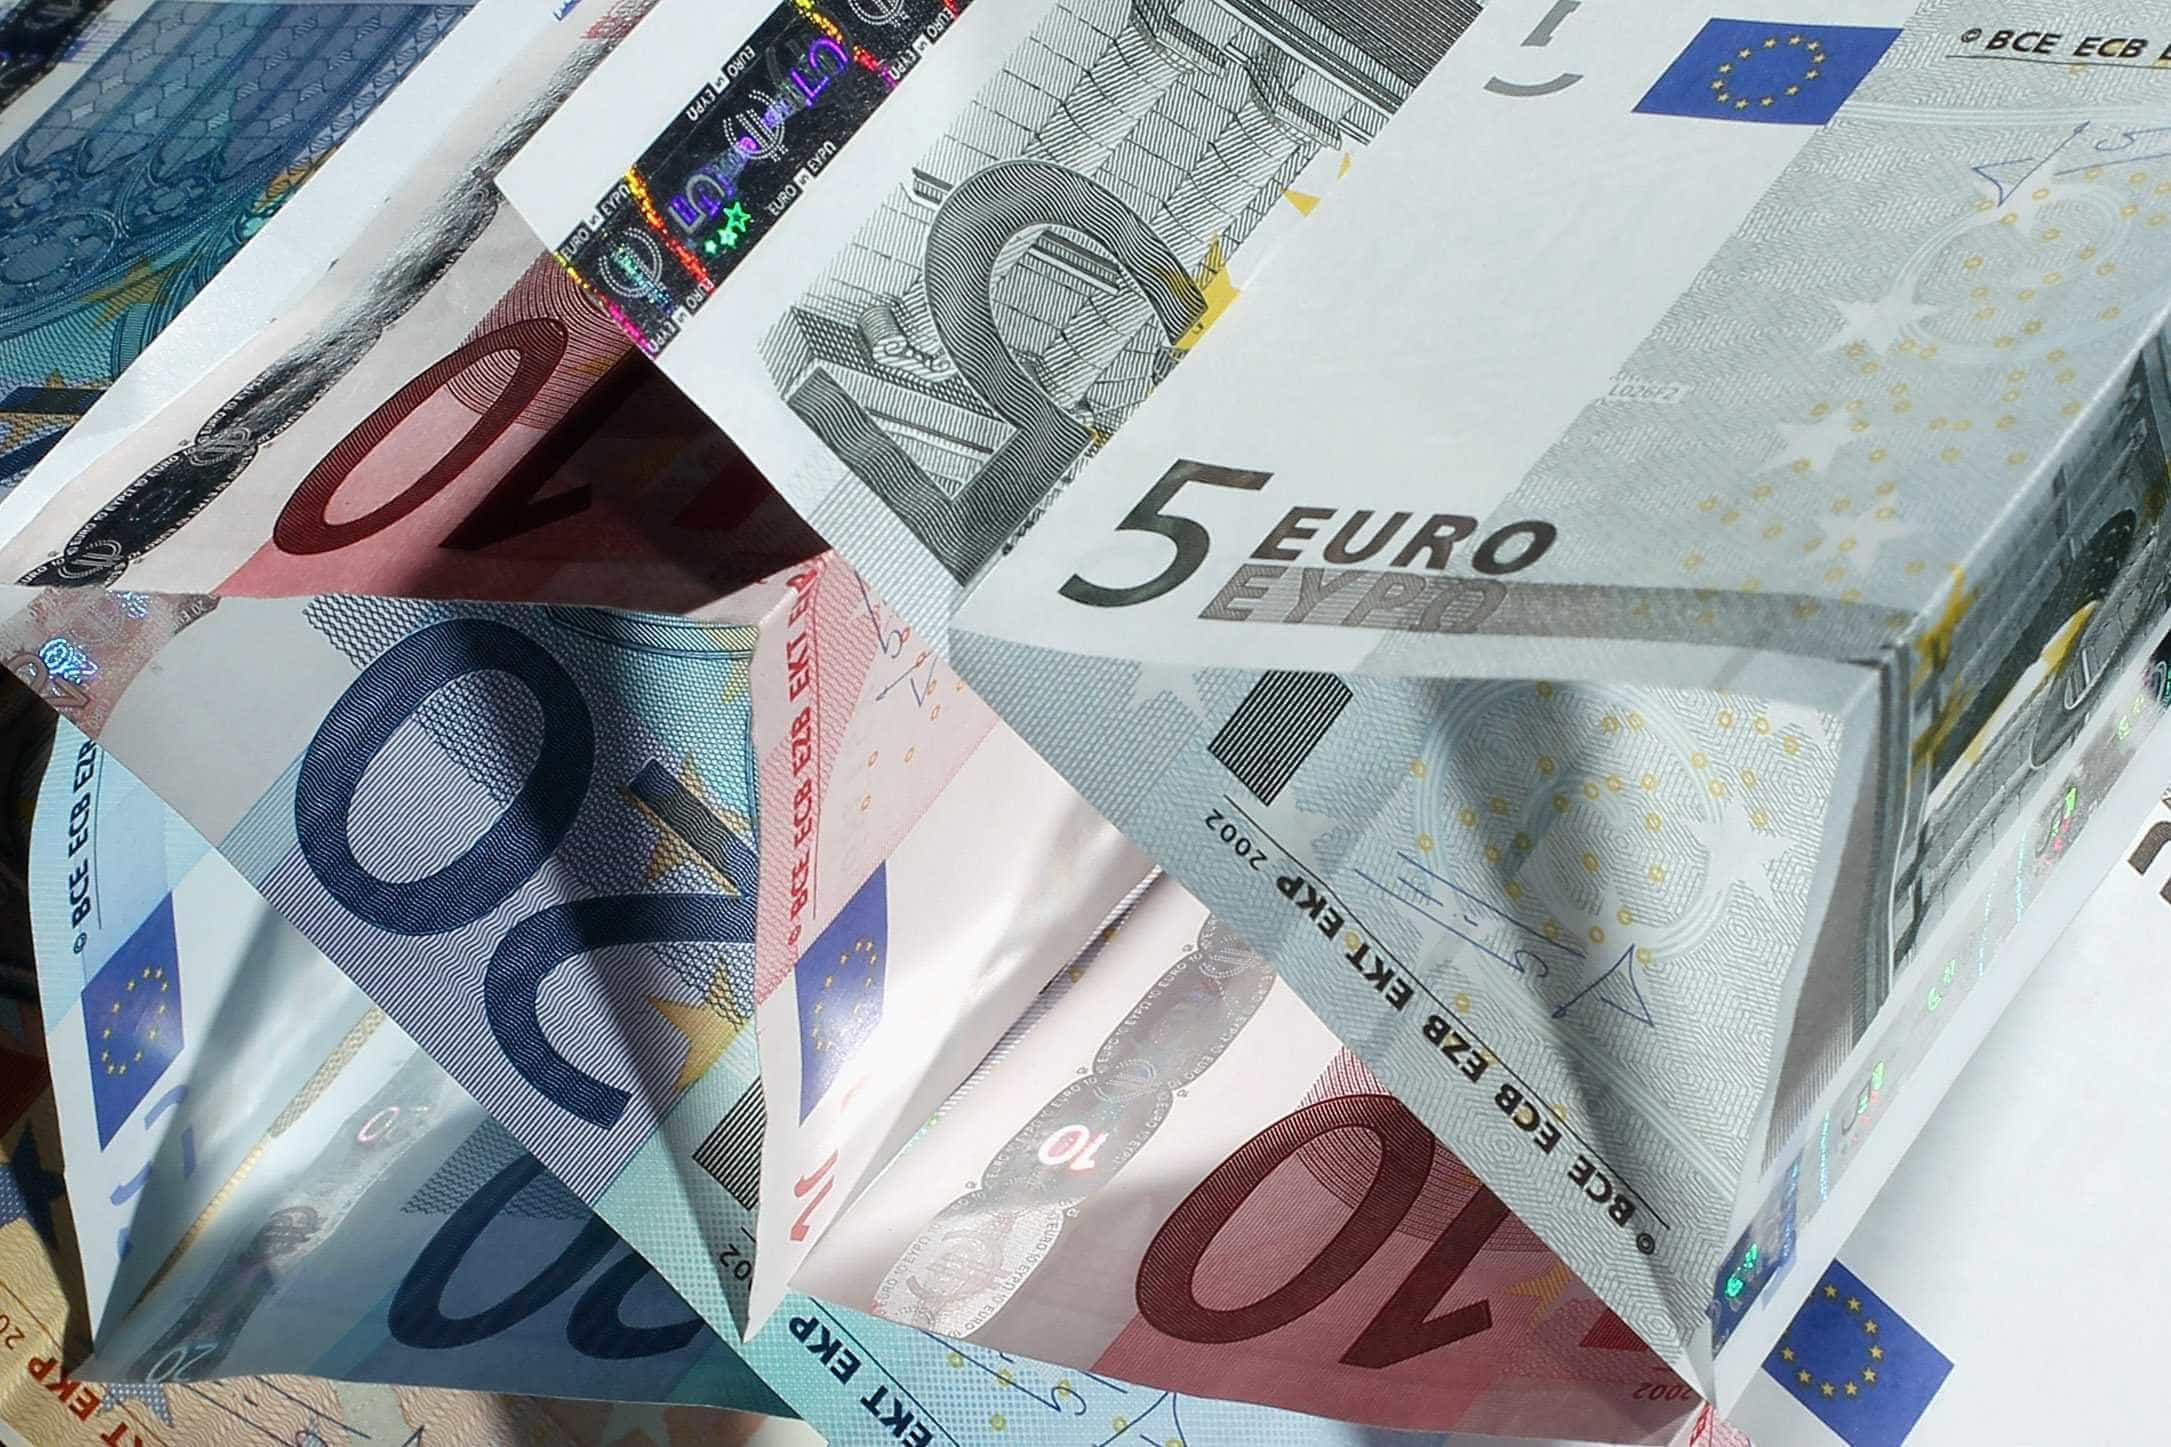 Depósitos nos bancos portugueses sobem 2,2% no 1.º semestre